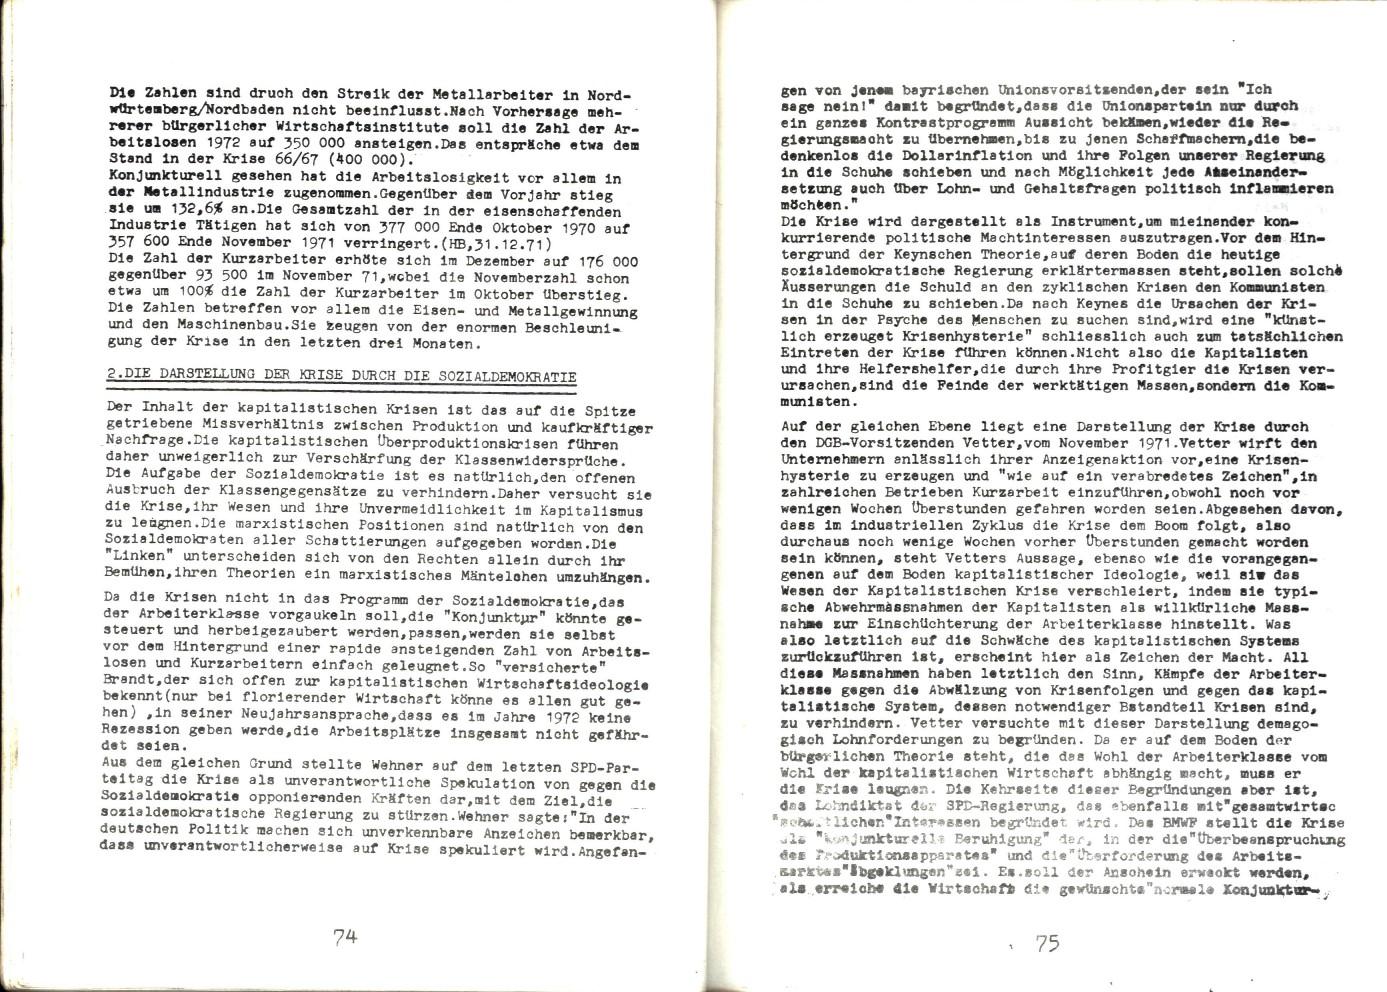 NRW_KPDML_Der_Bolschewist_1972_04_39